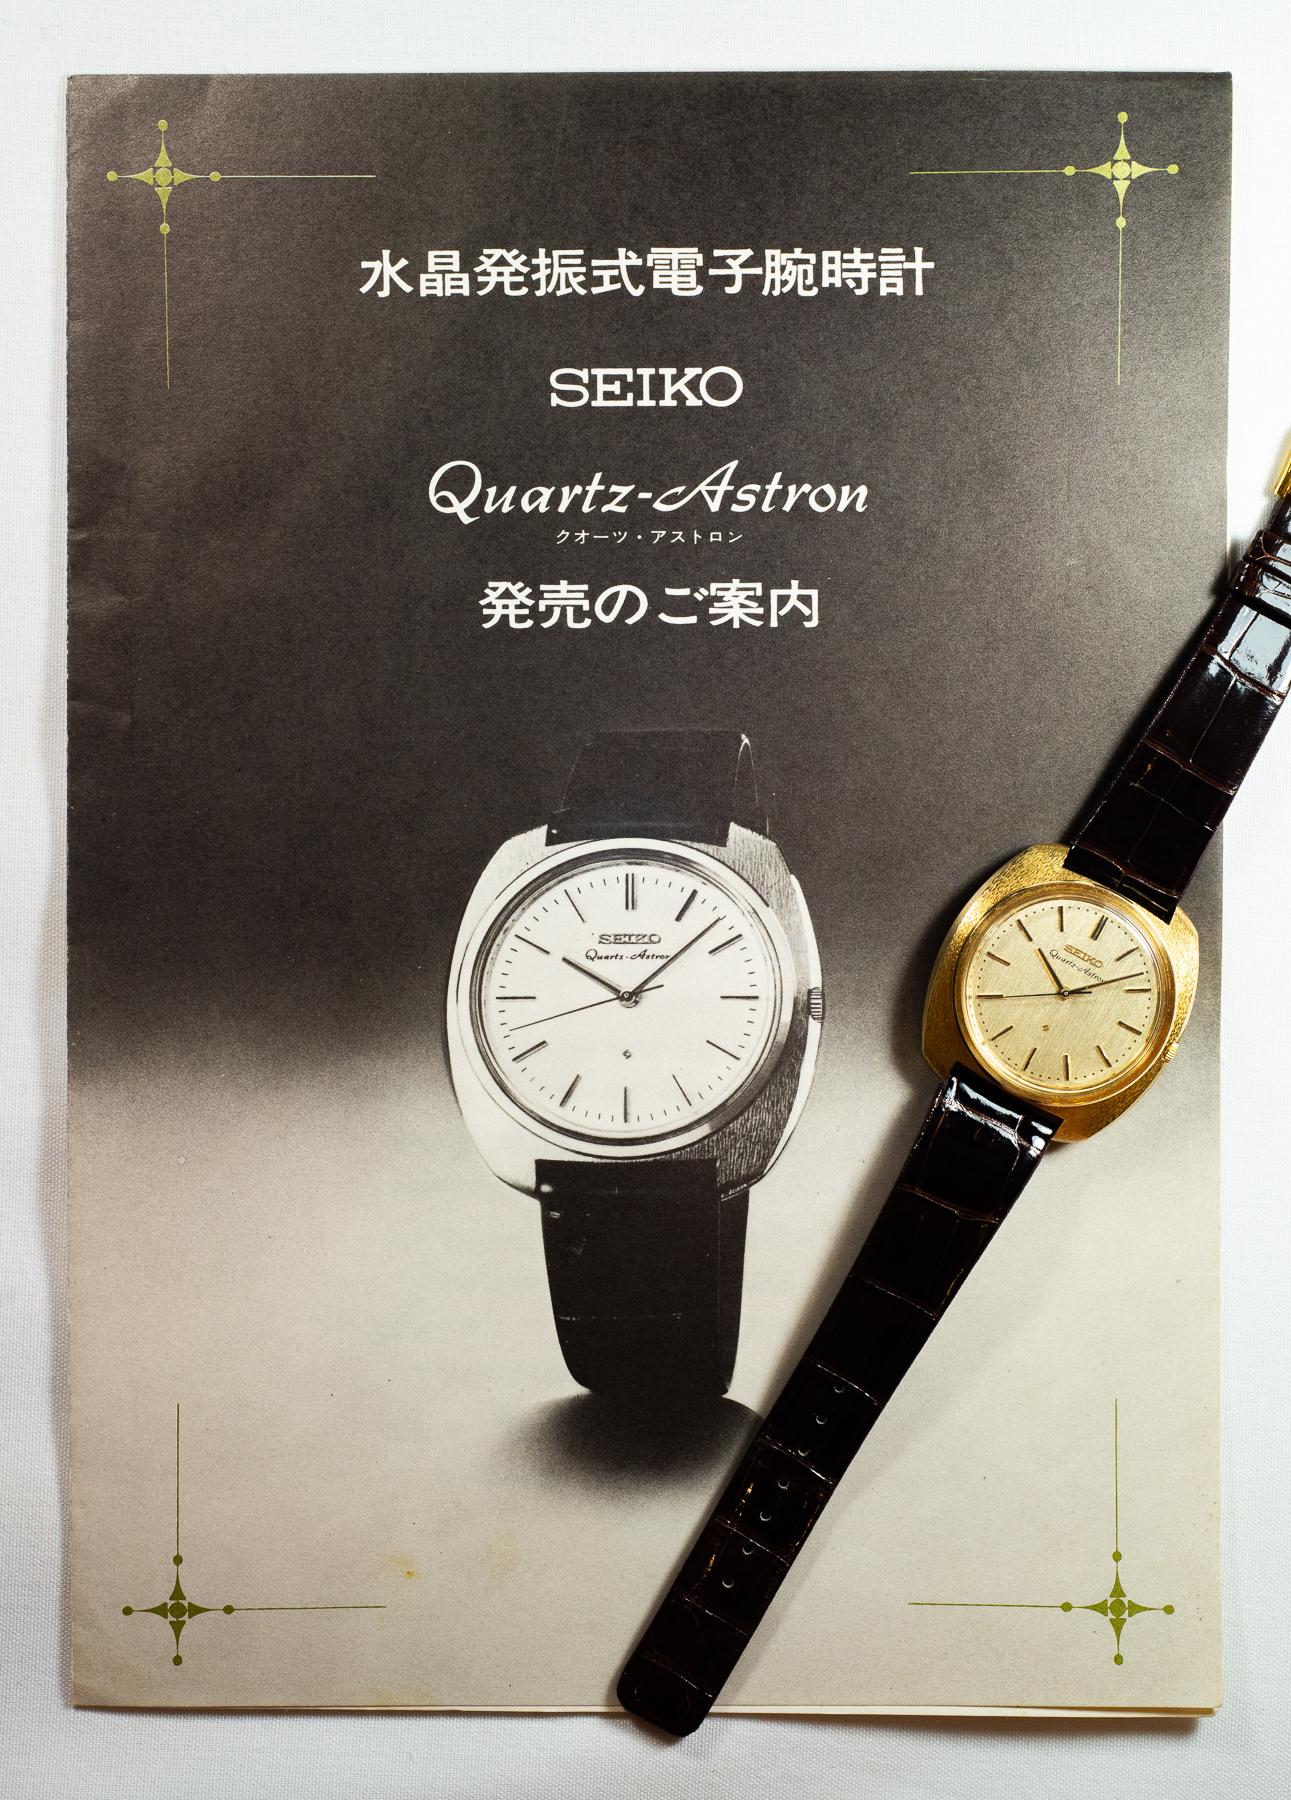 Quartz-Astron Brochure